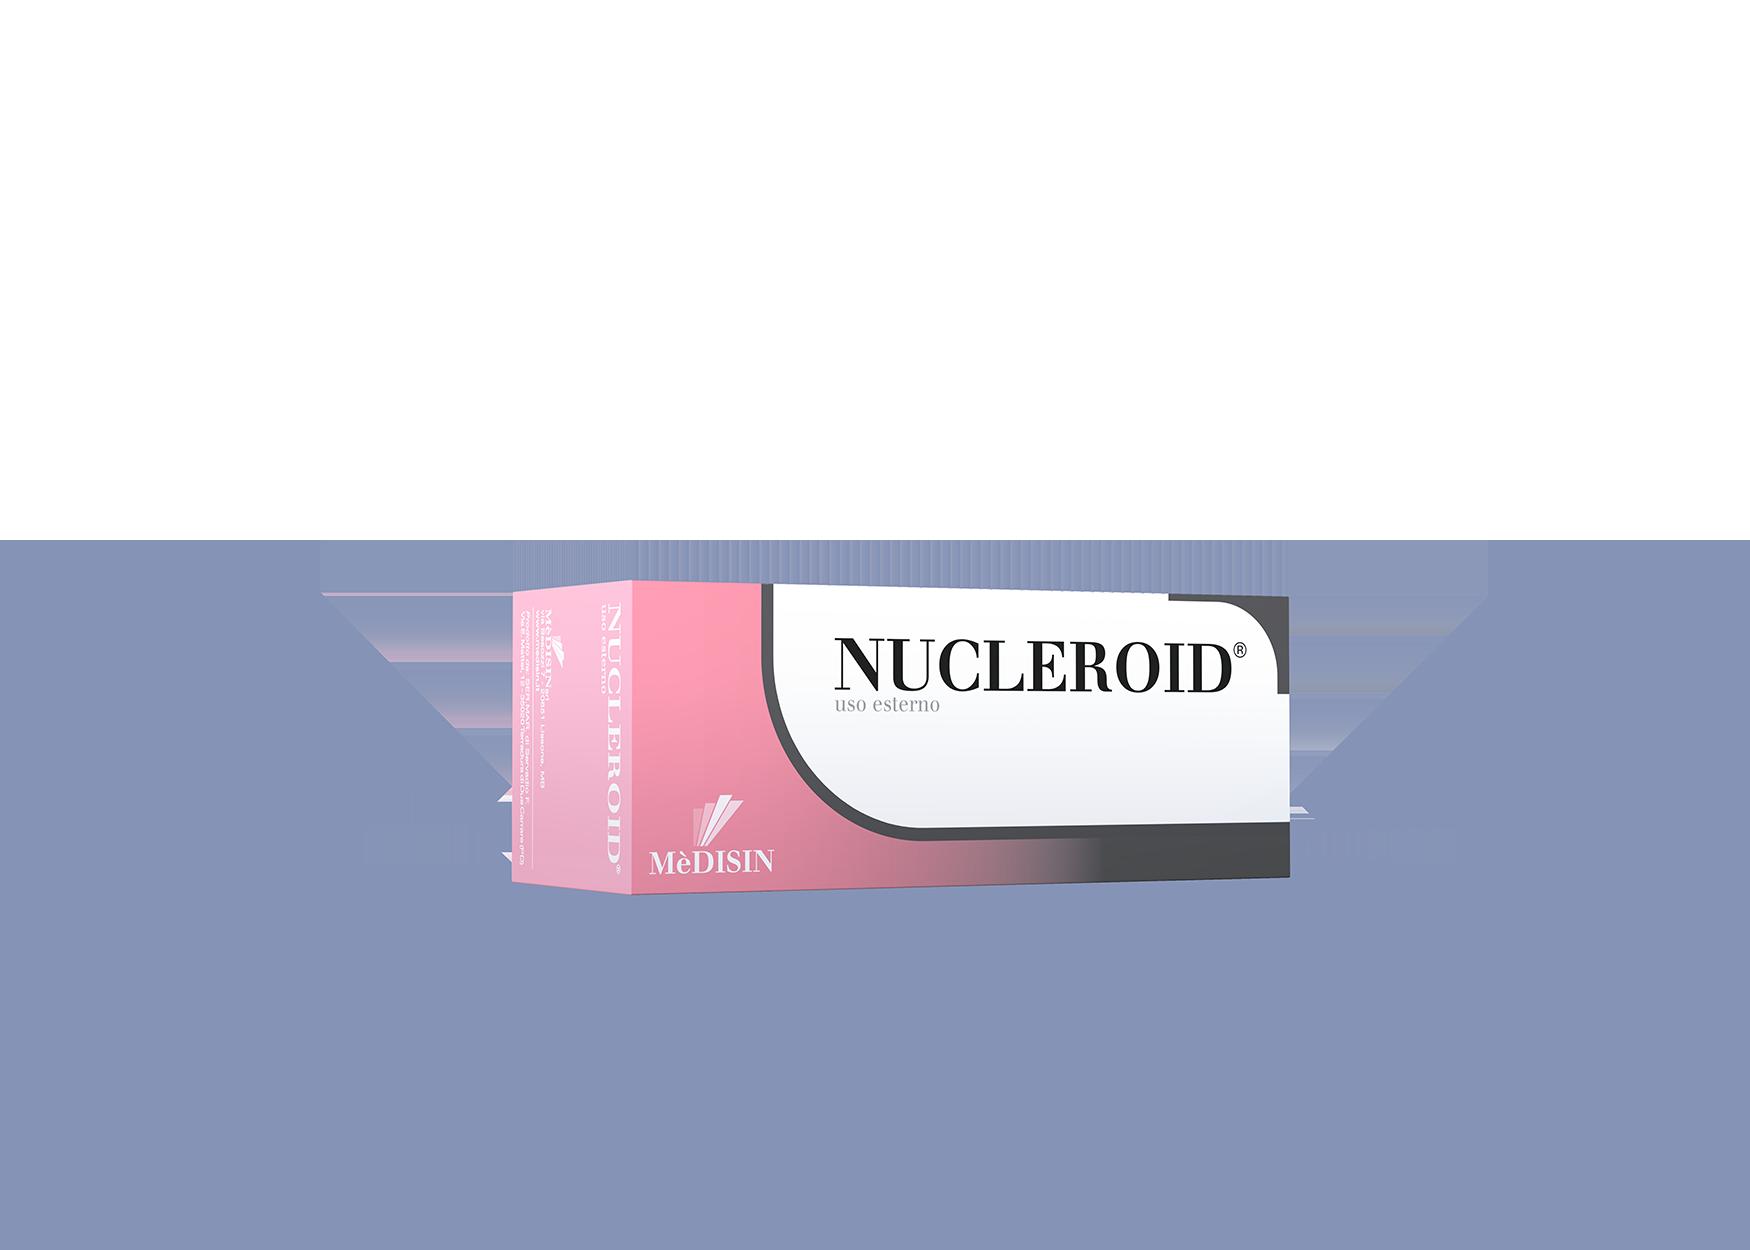 Nucleorid SX copia